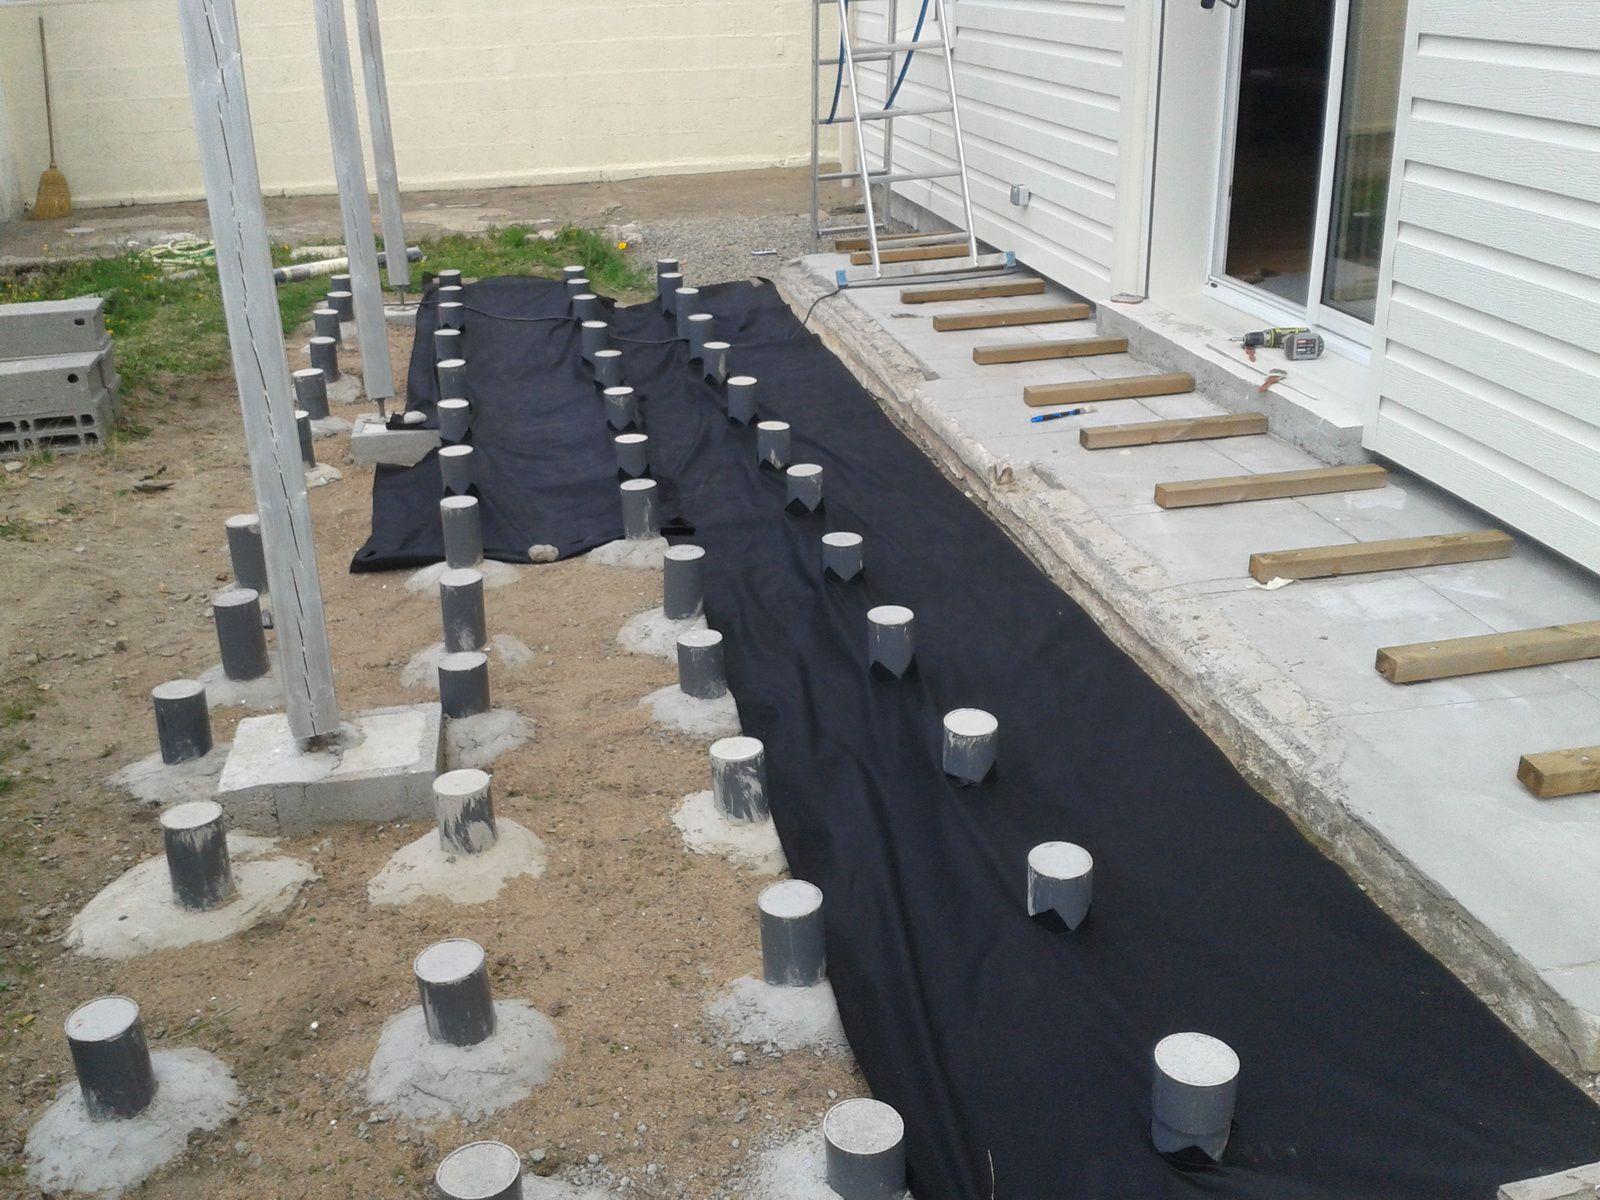 Faire plot beton pour terrasse bois - Faire plot beton pour terrasse bois ...